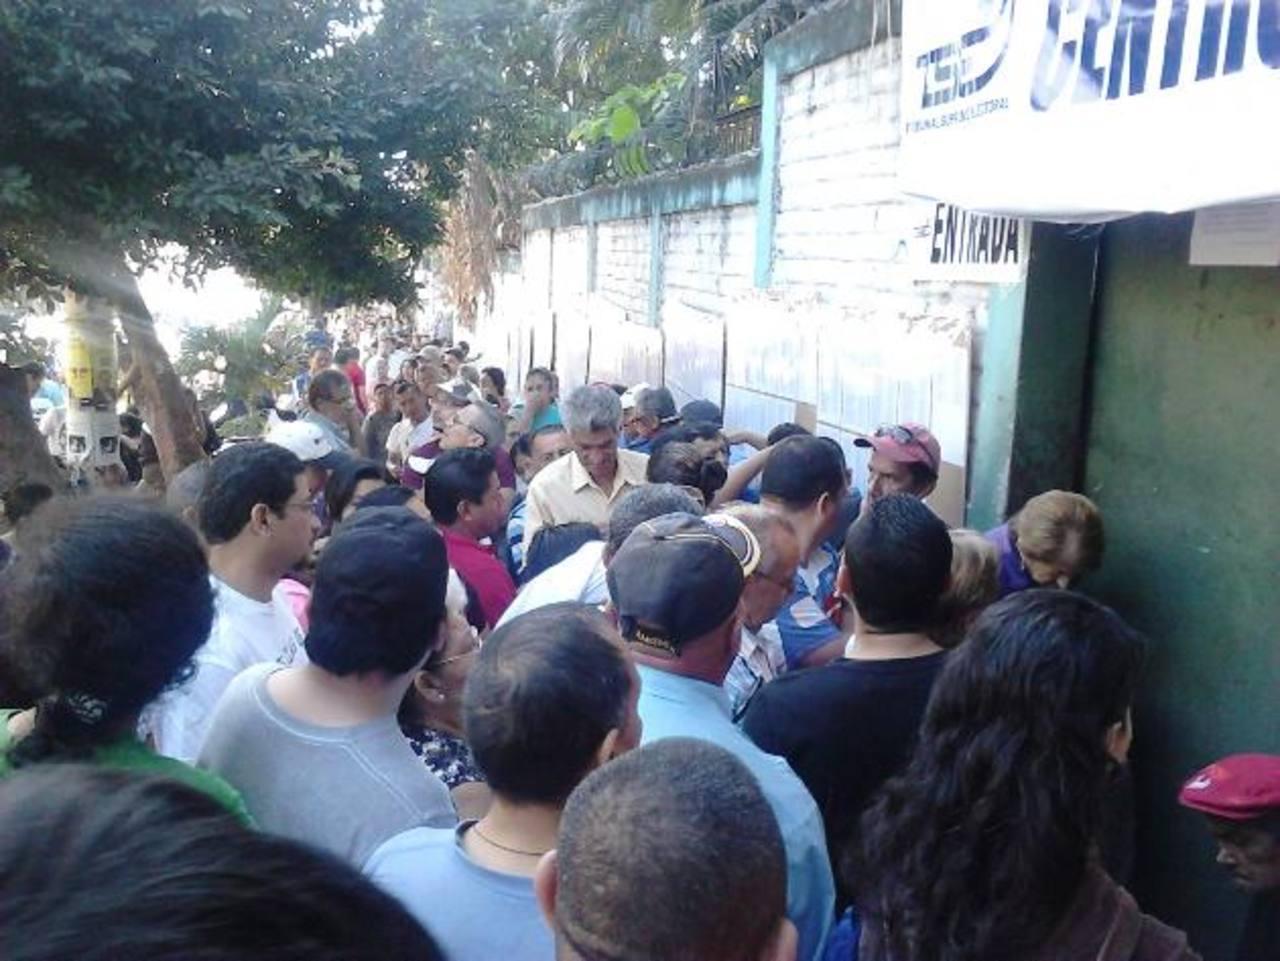 En la colonia Zacamil, en Mejicanos, abrieron con 1 hora y 40 minutos de retraso el Instituto Nacional Alberto Masferrer.